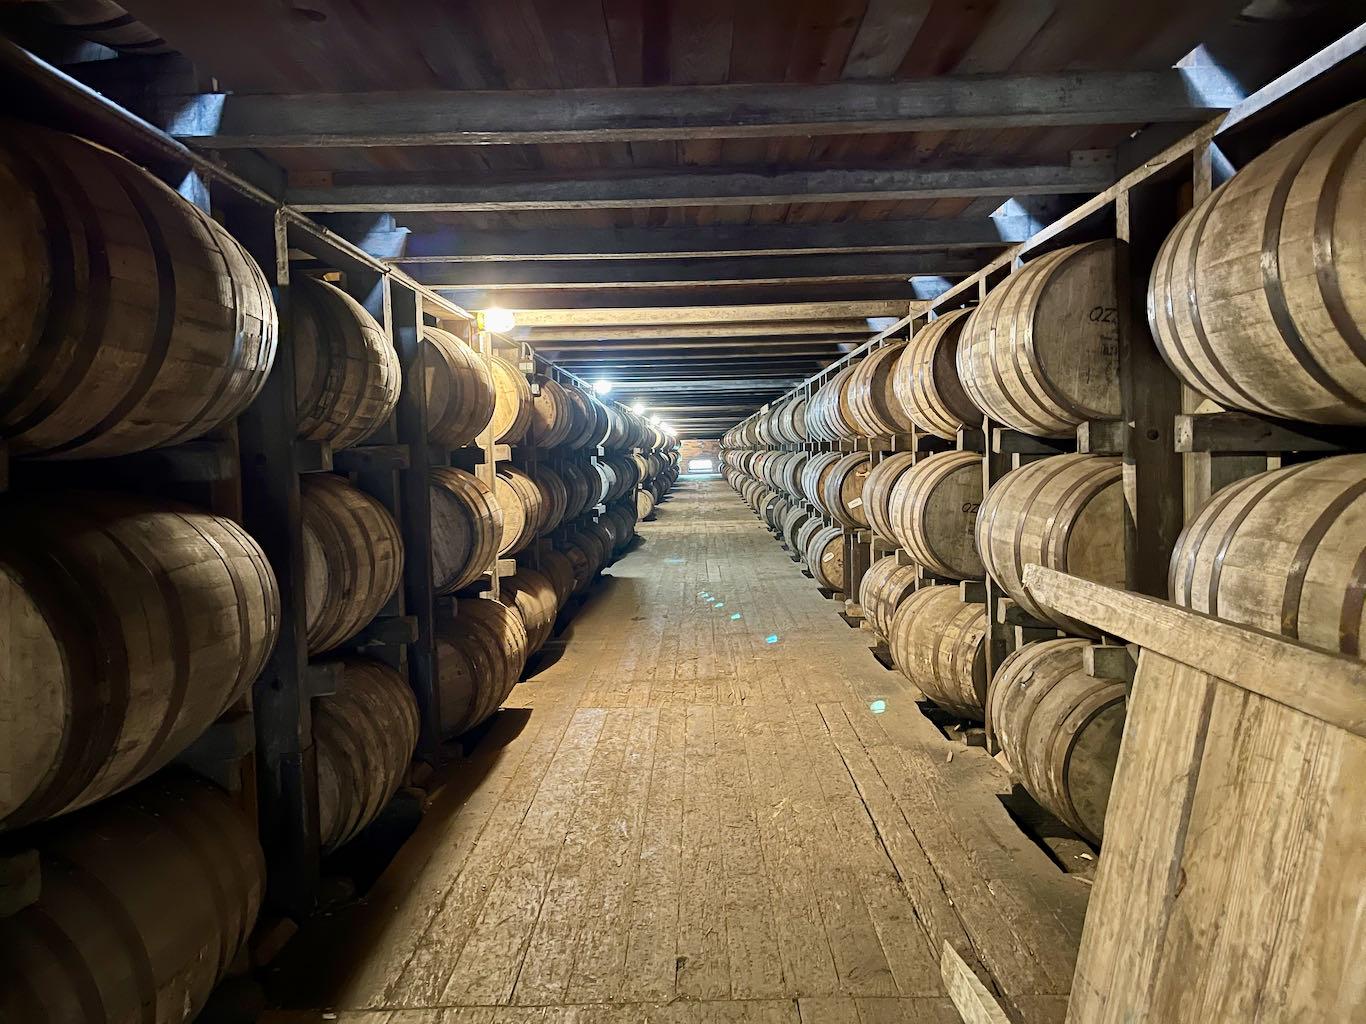 Barrels in Rickhouse - Green River Distilling Co